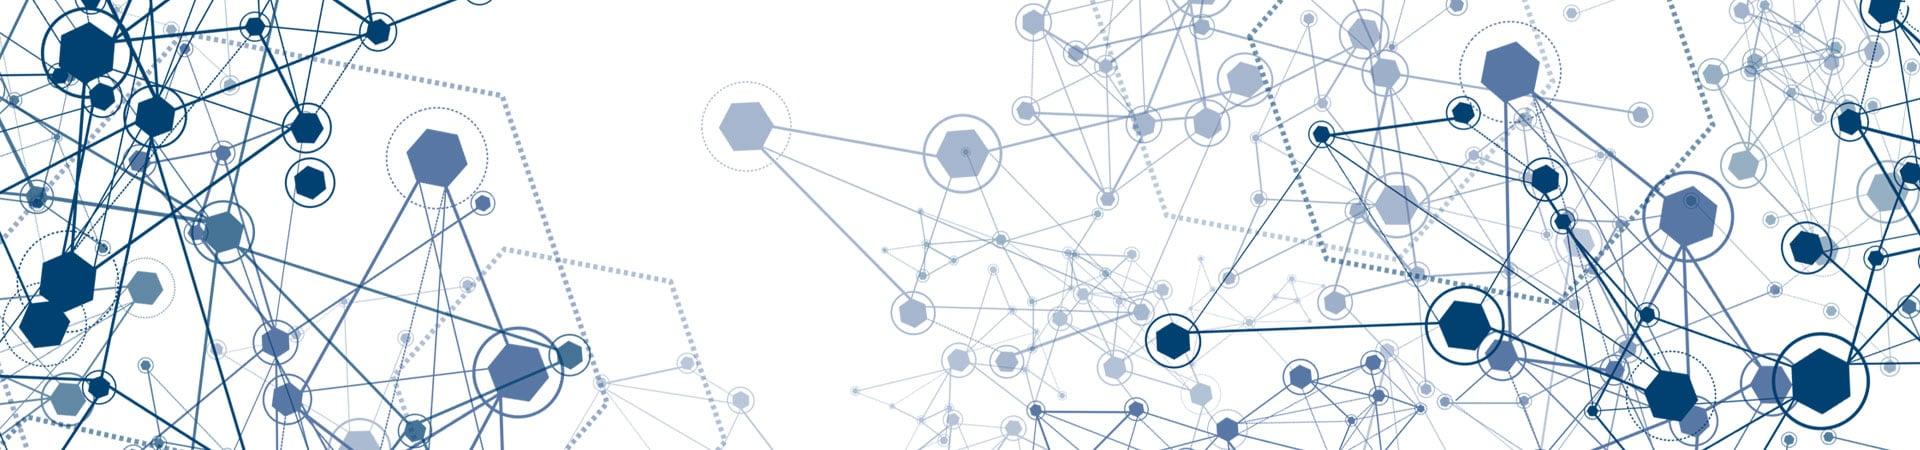 Infografik: Wozu Online-Bewertungen und Kundenempfehlungen?